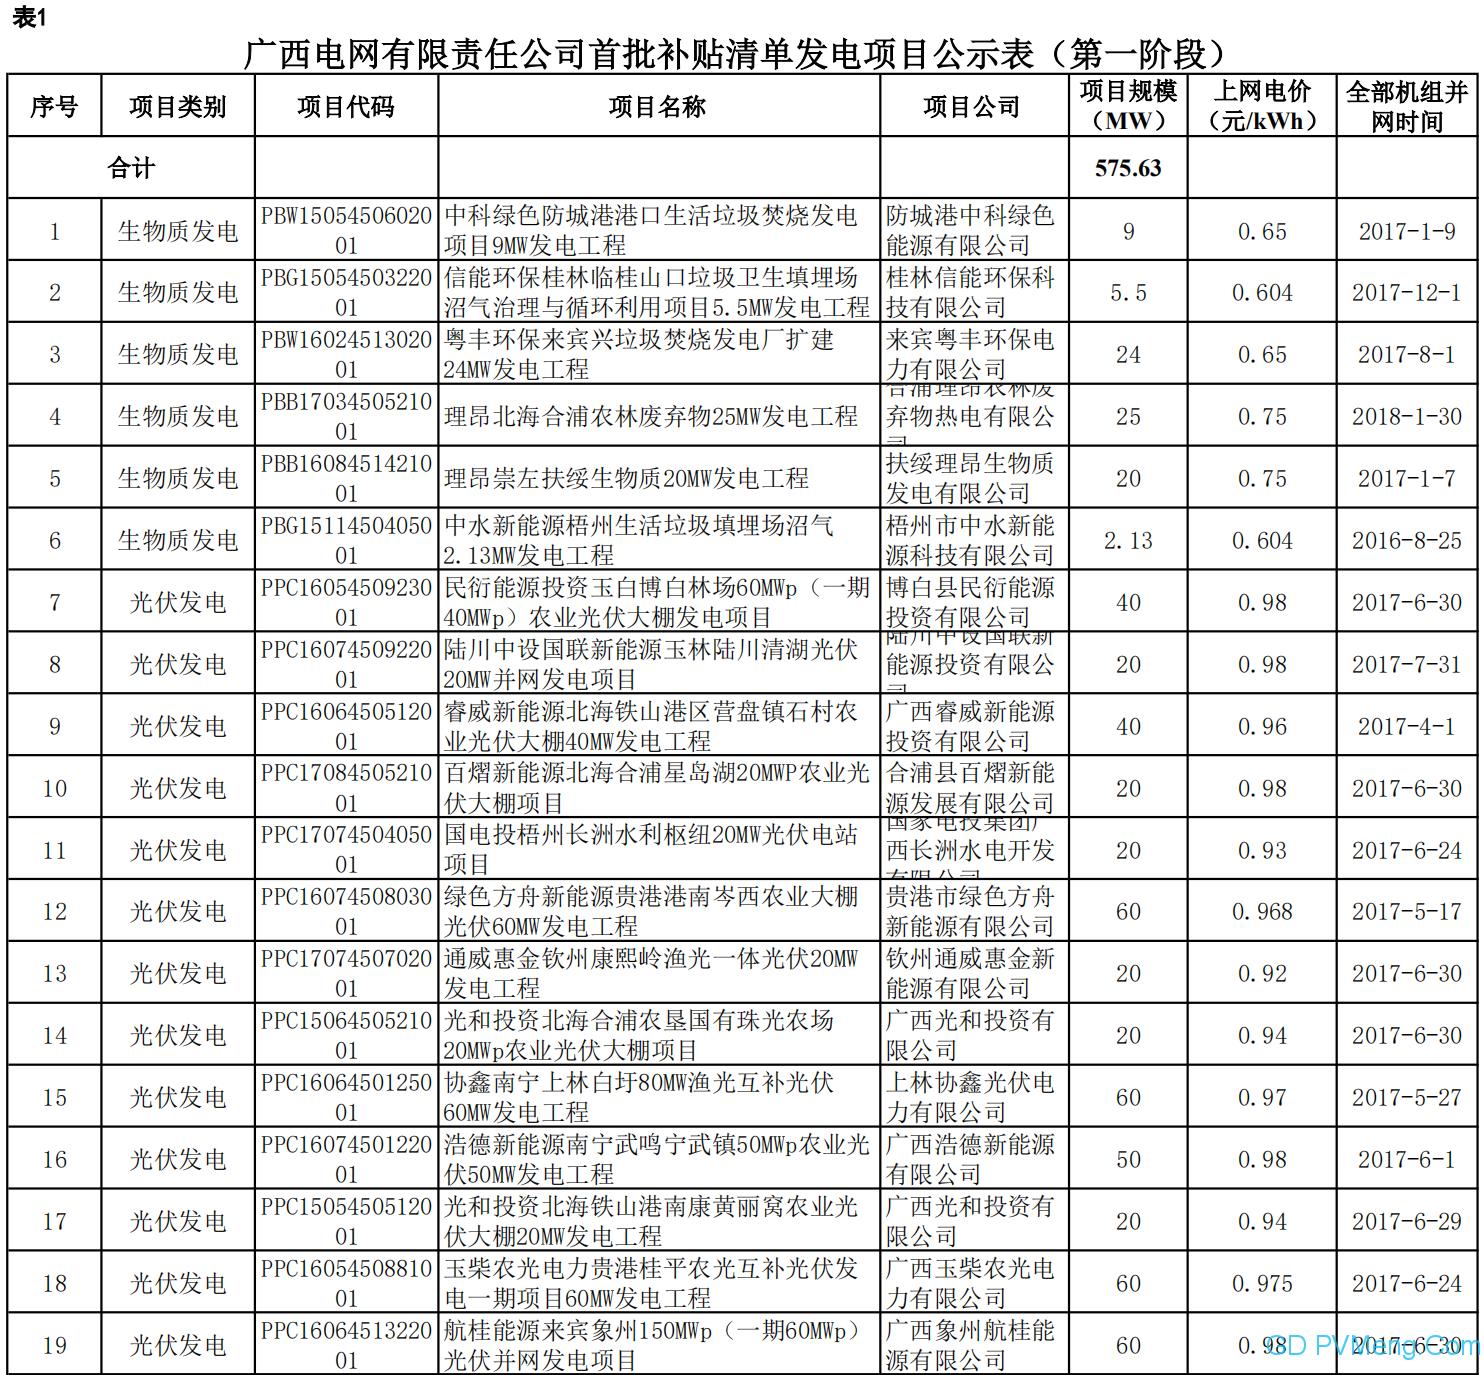 广西电网可再生能源电价附加补贴清单申报发电项目复核通过项目名单(首批补贴清单第一阶段)20200430